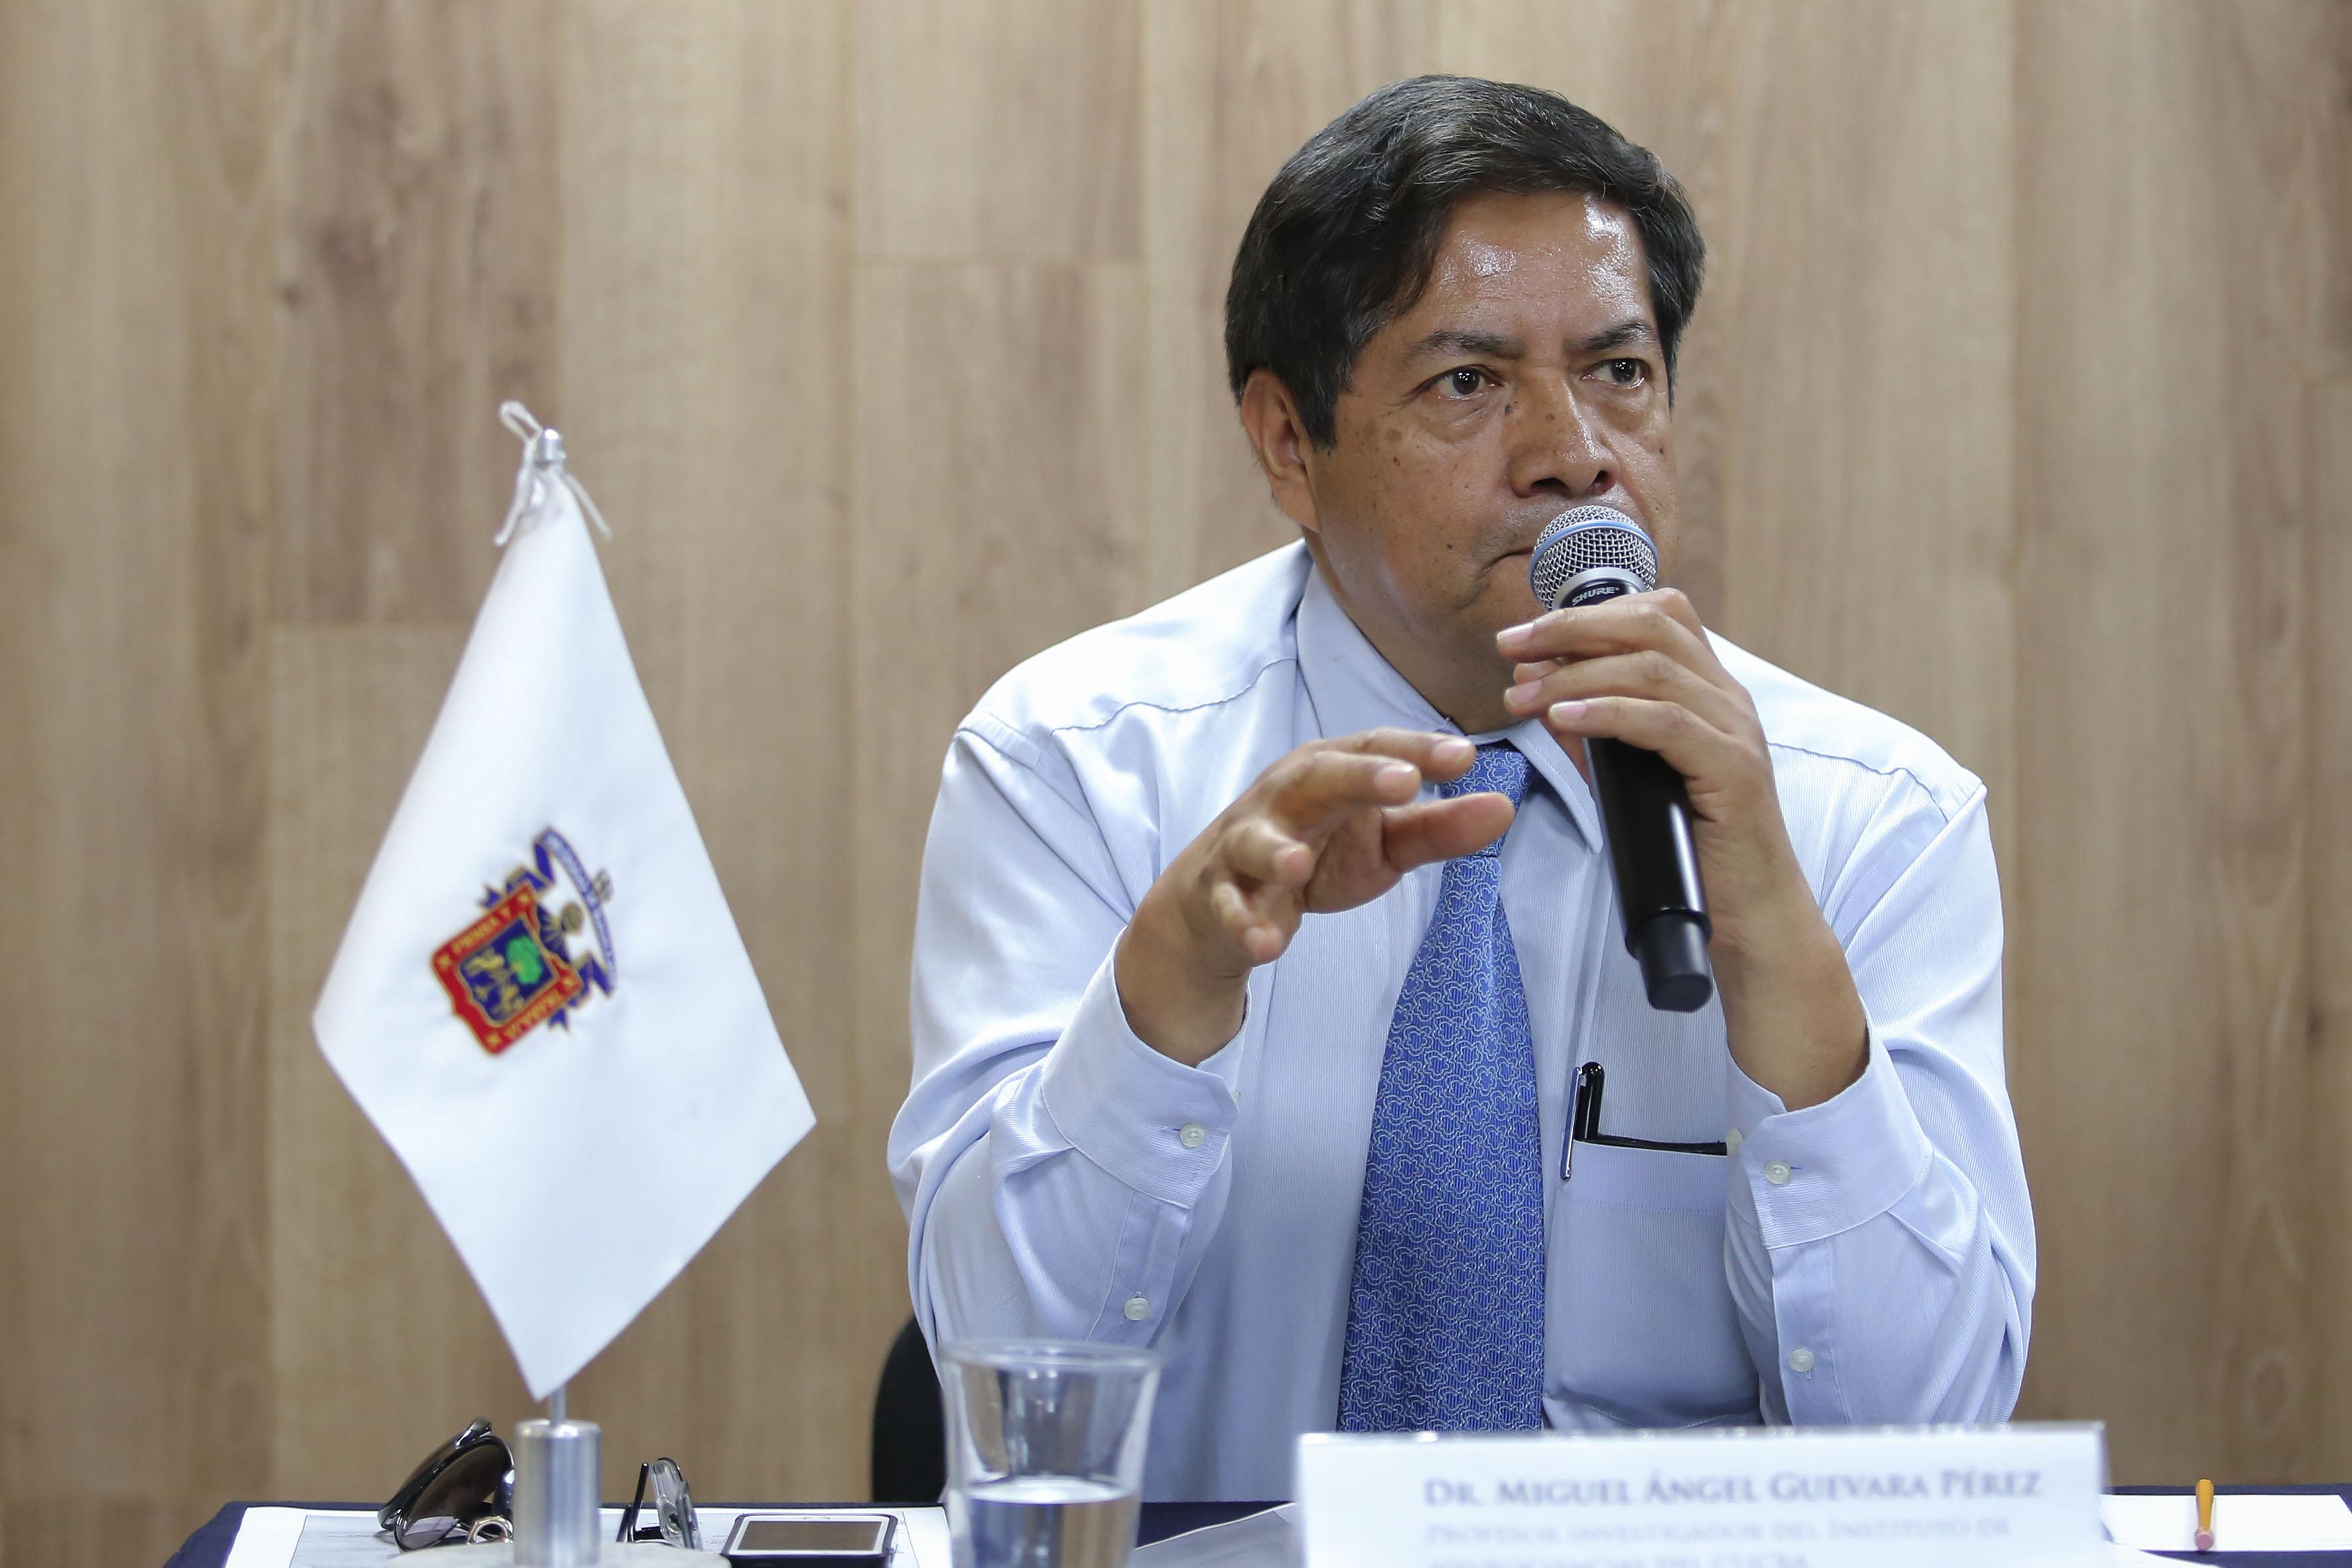 doctor Miguel Ángel Guevara Pérez, haciendo uso de la palabra.